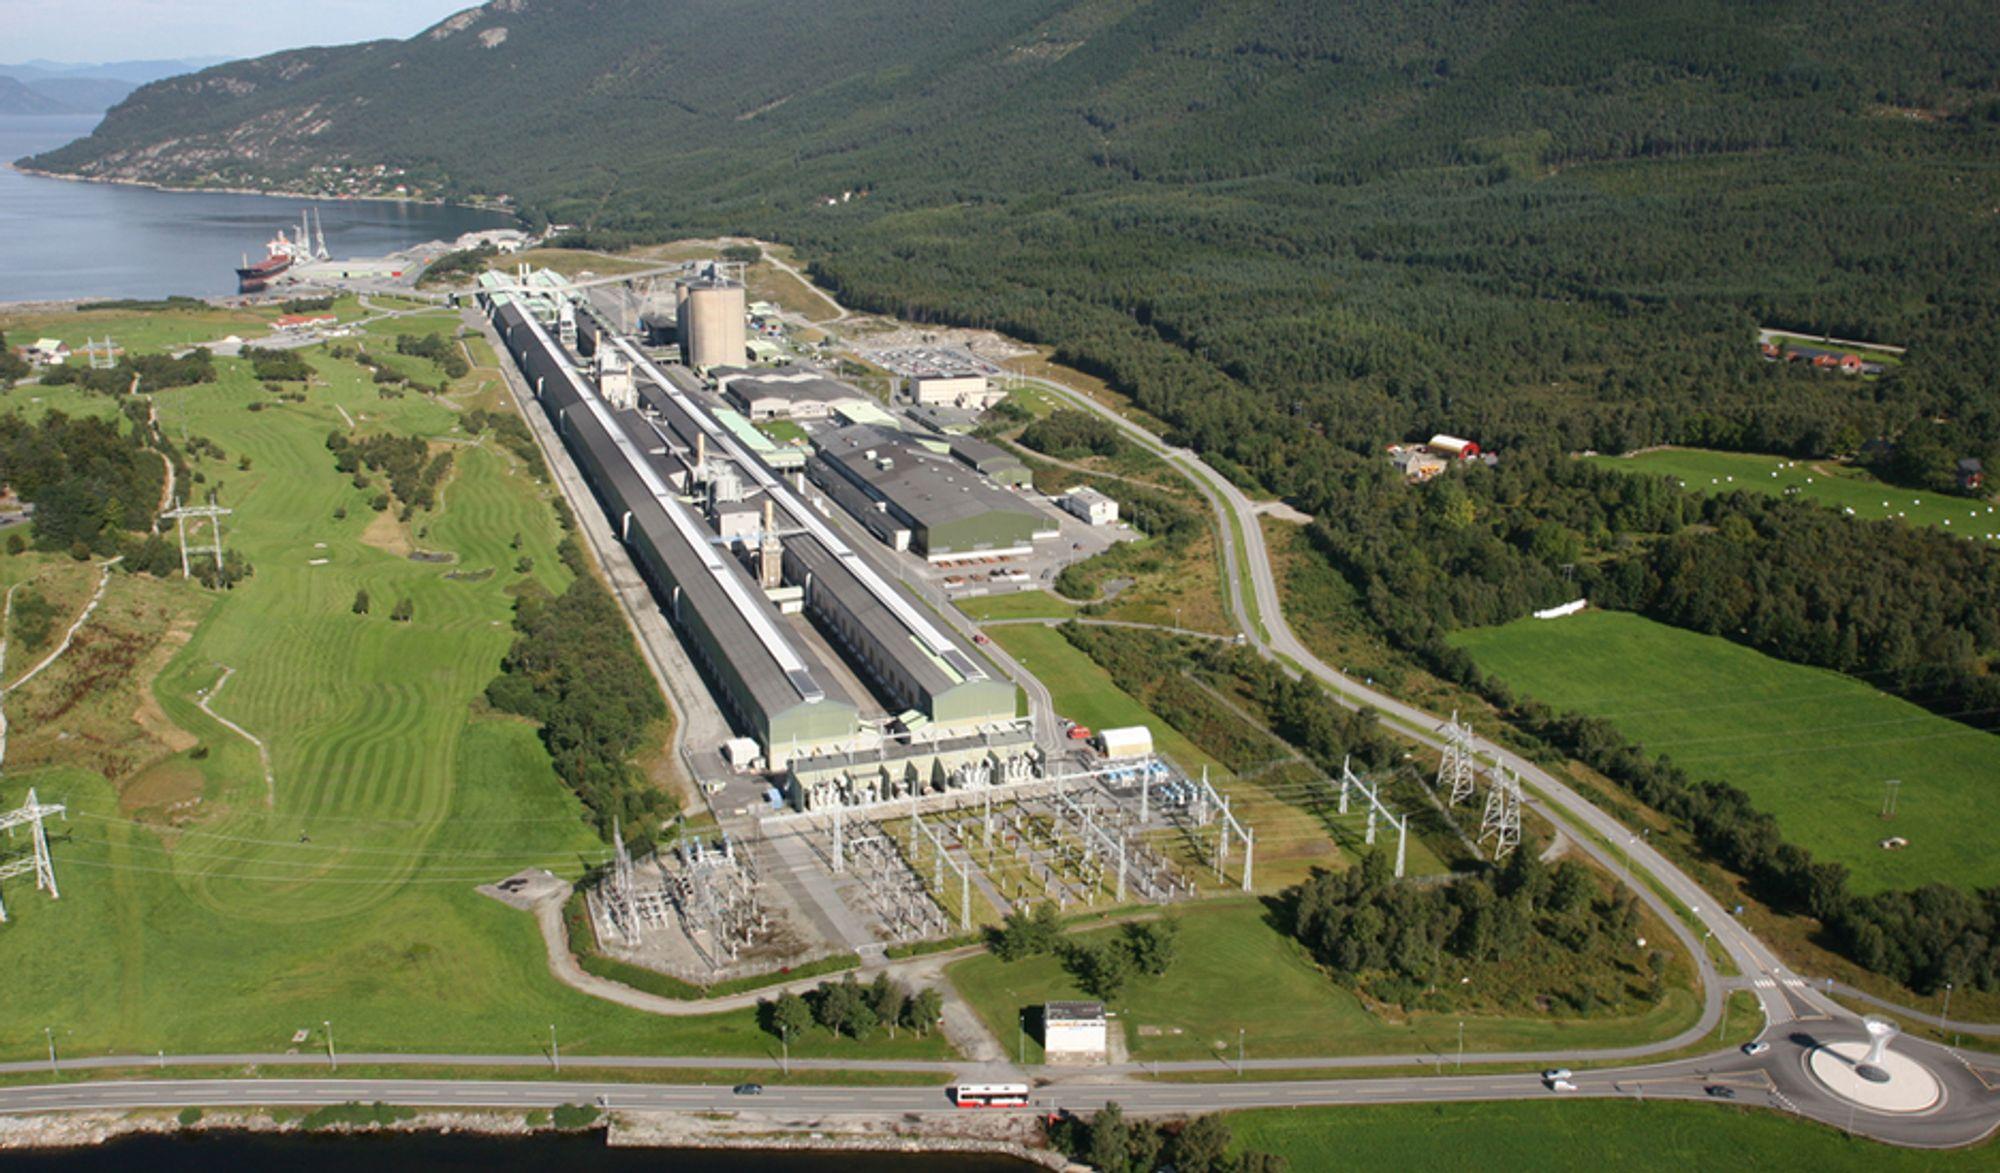 BLIR NABO: Det planlagte kullkraftverket blir nabo til det eksisterende aluminiumsverket til Sør - Norge Aluminium på Husnes.